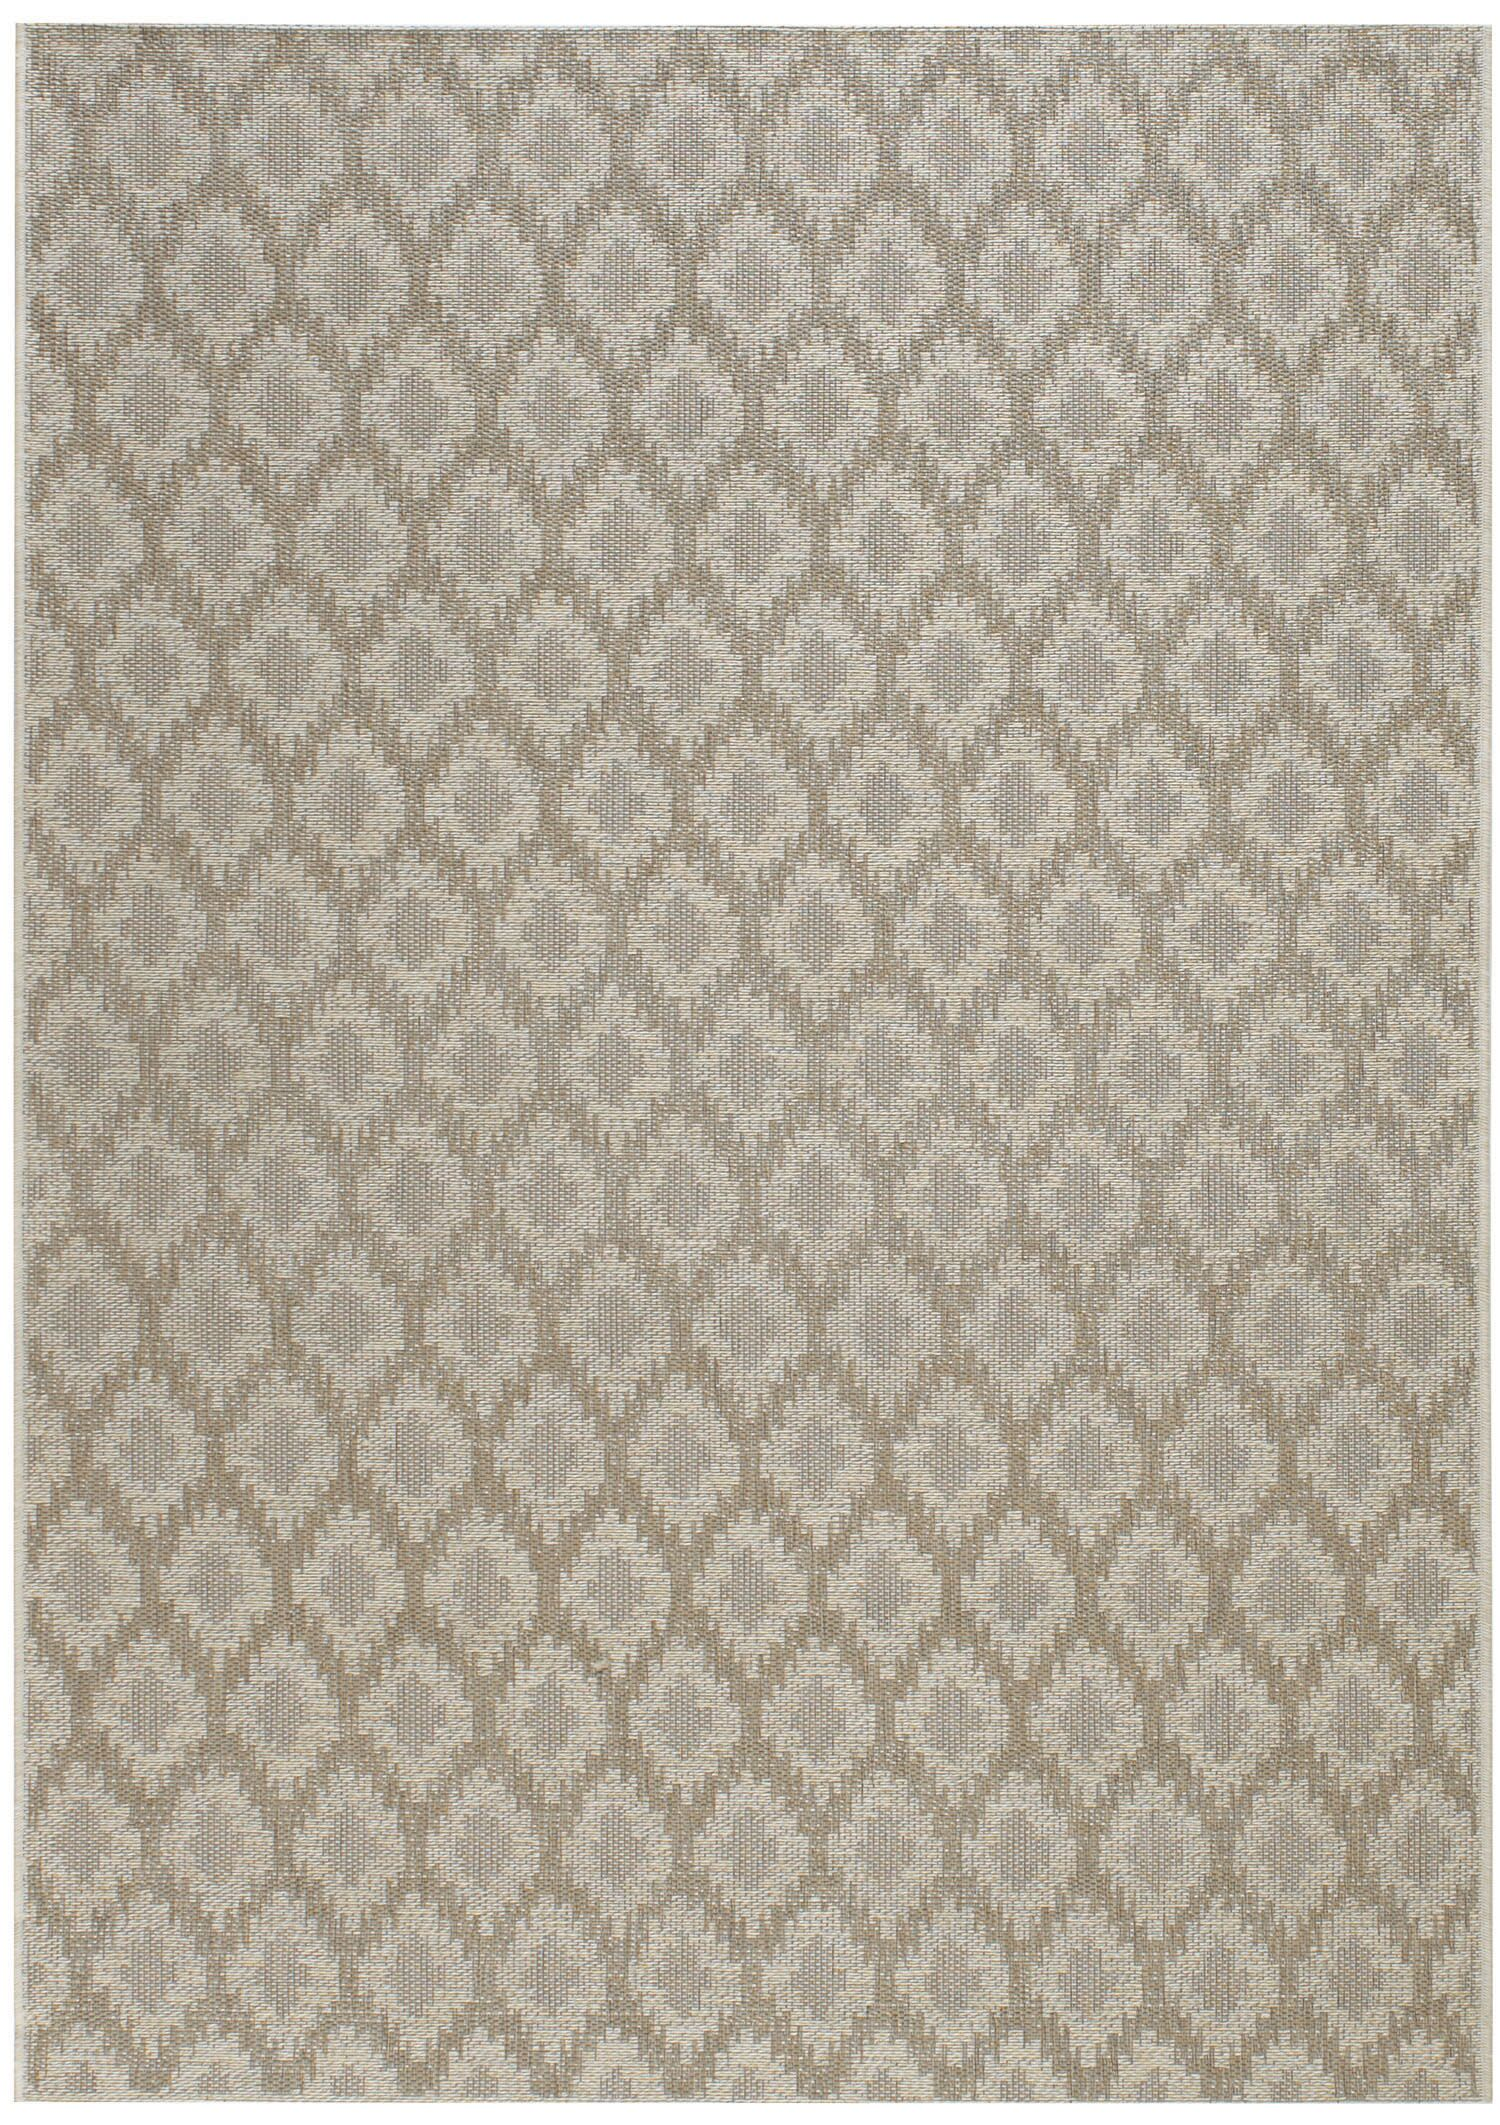 Hanish Diamond Tan Indoor/Outdoor Area Rug Rug Size: 5'3